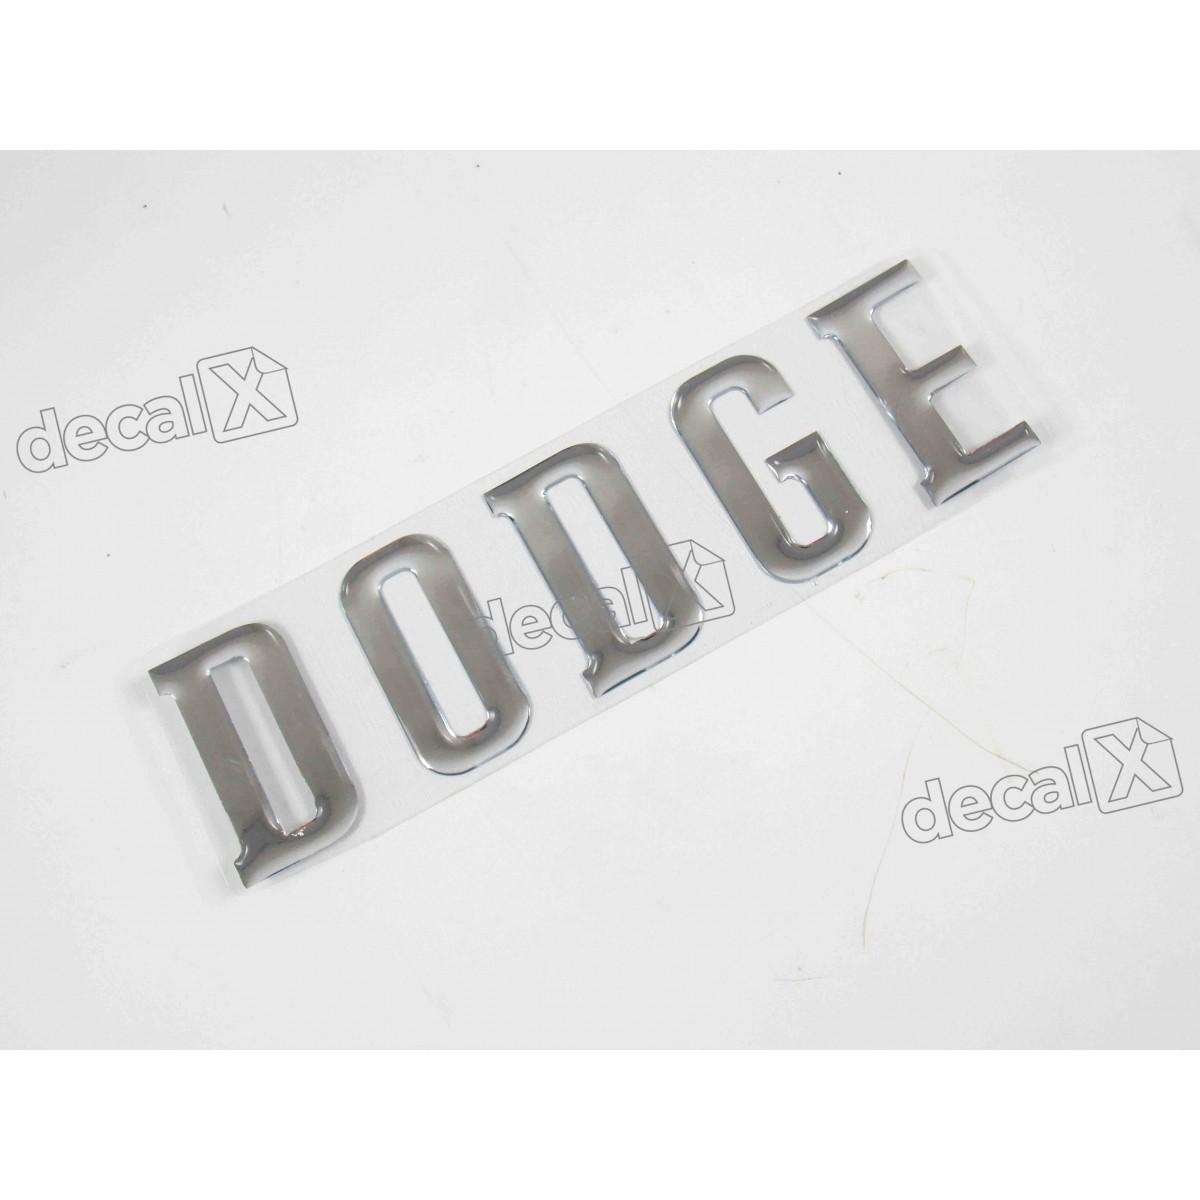 Adesivo Dodge Cromado 3x30 Cms Resinado Decalx